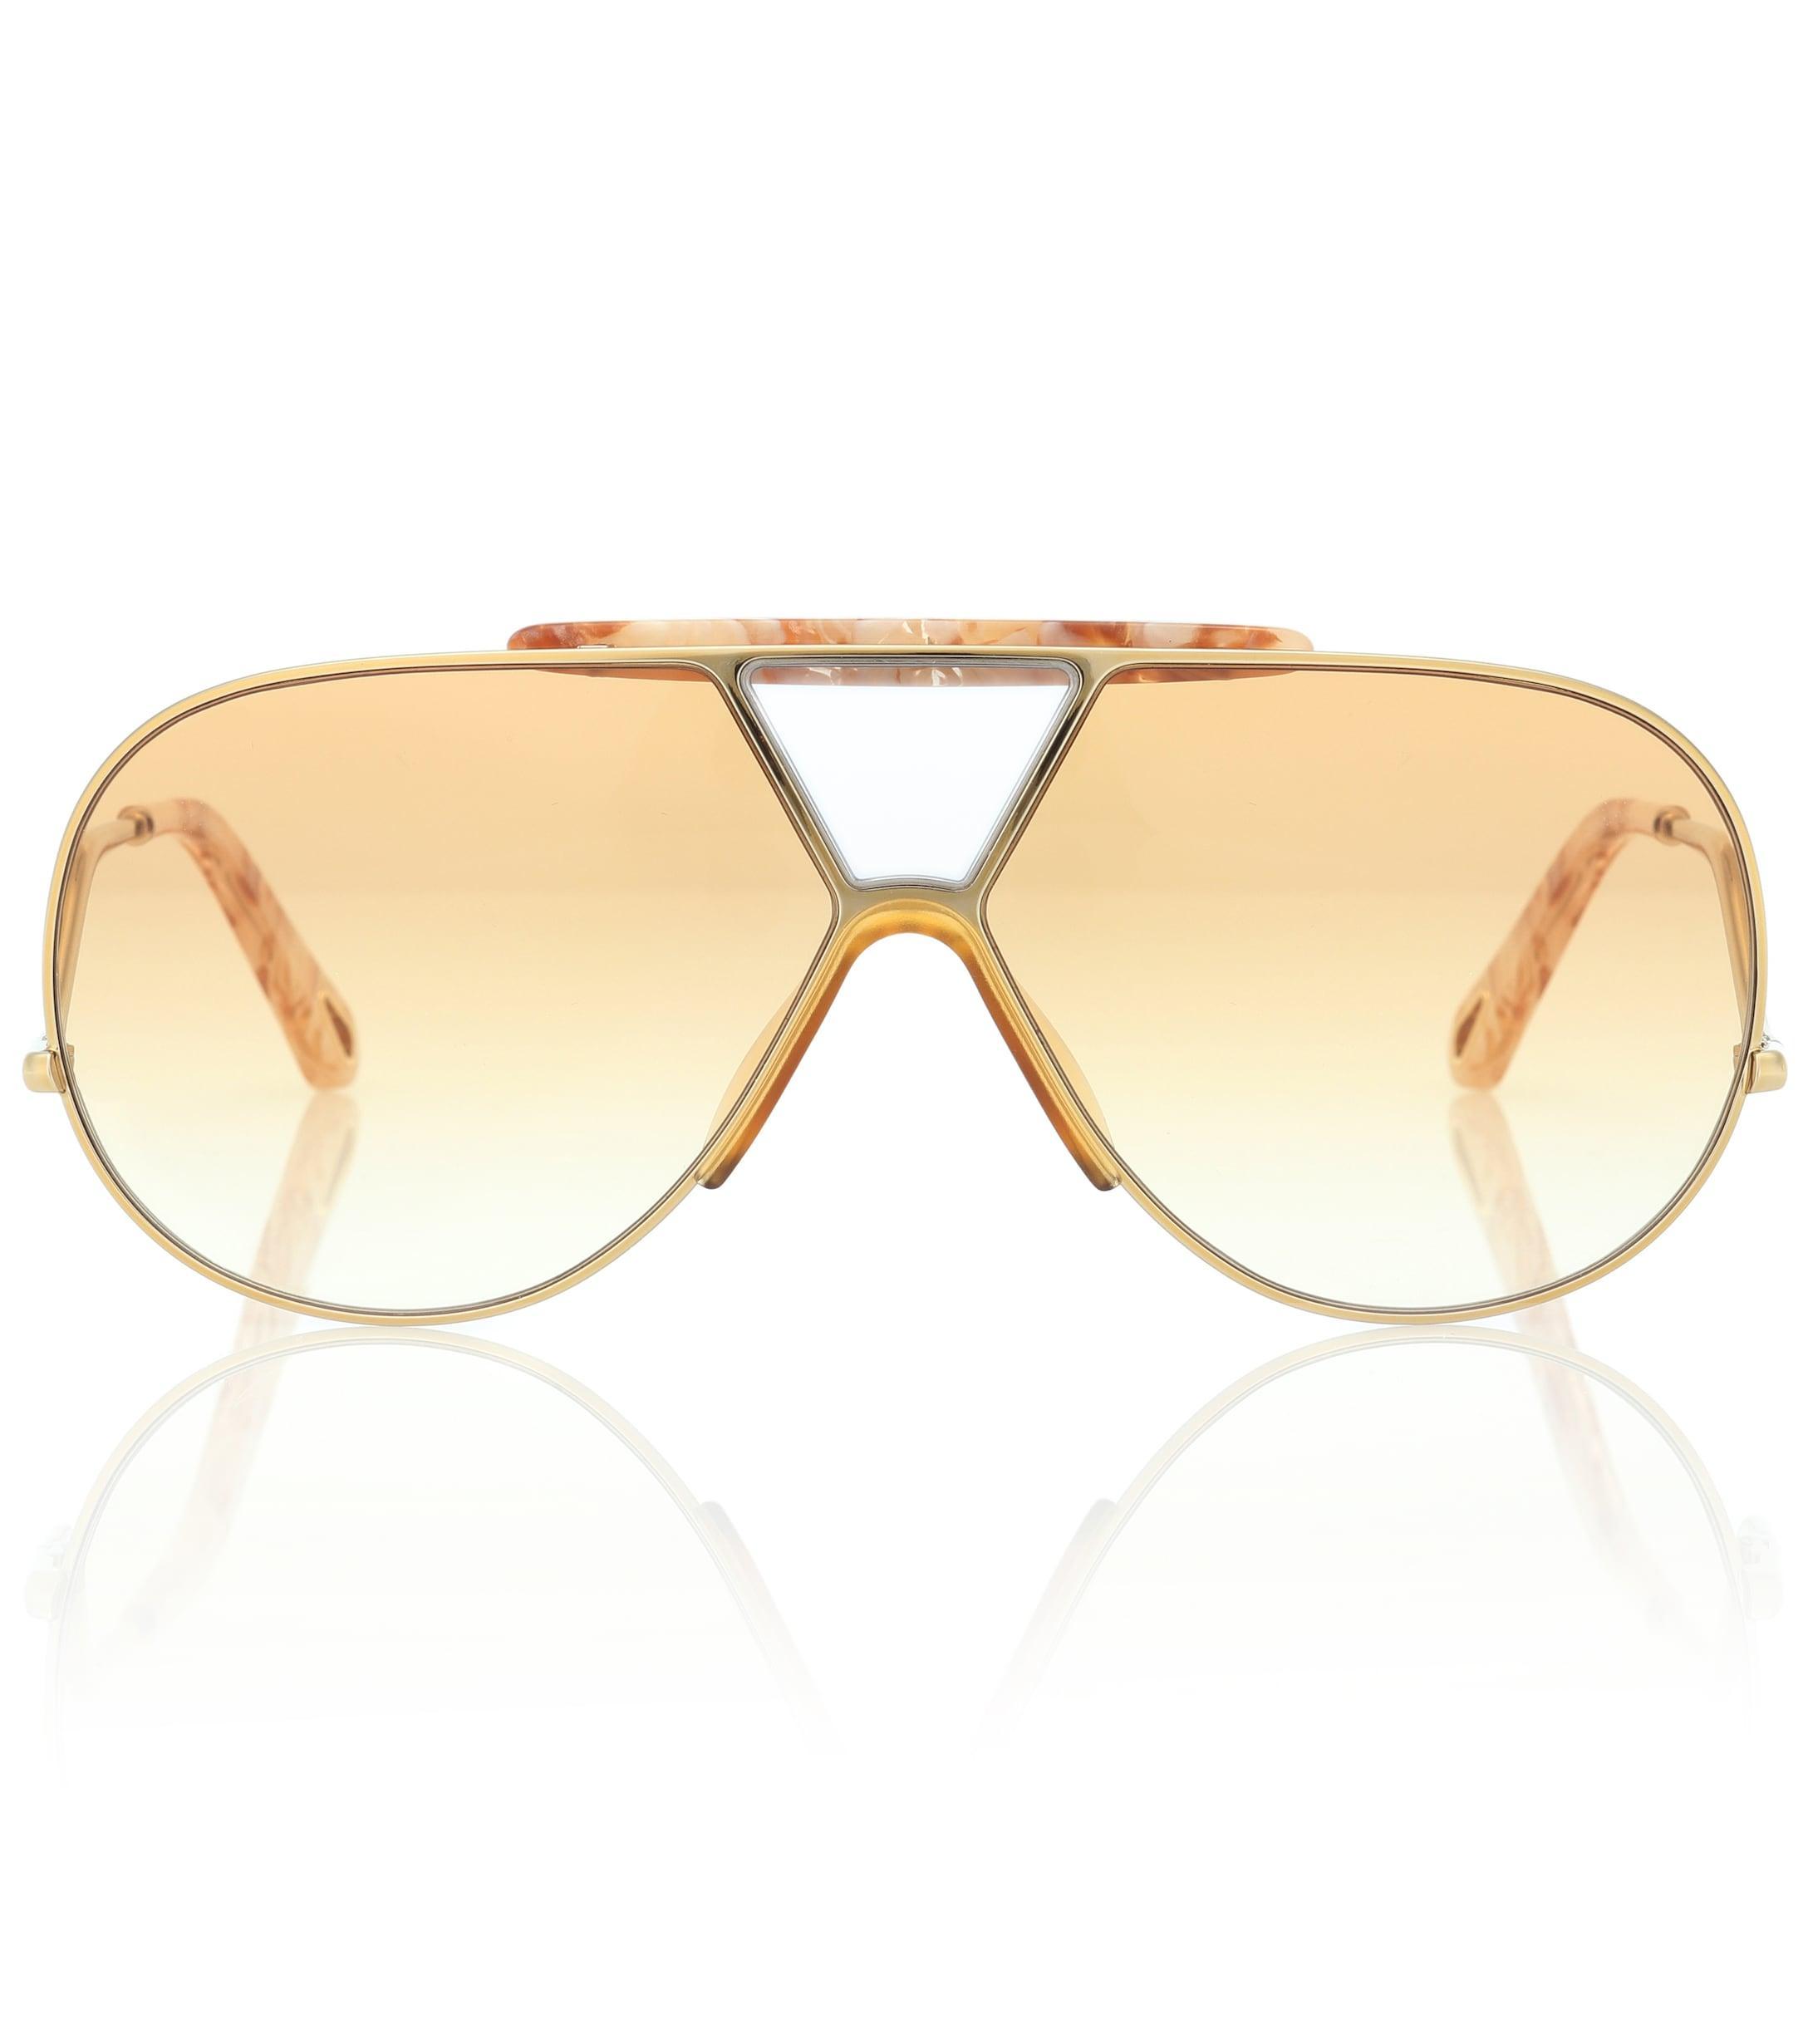 4997c370e9 Chloé - Multicolor Gafas de sol Willis estilo aviador - Lyst. Ver en  pantalla completa